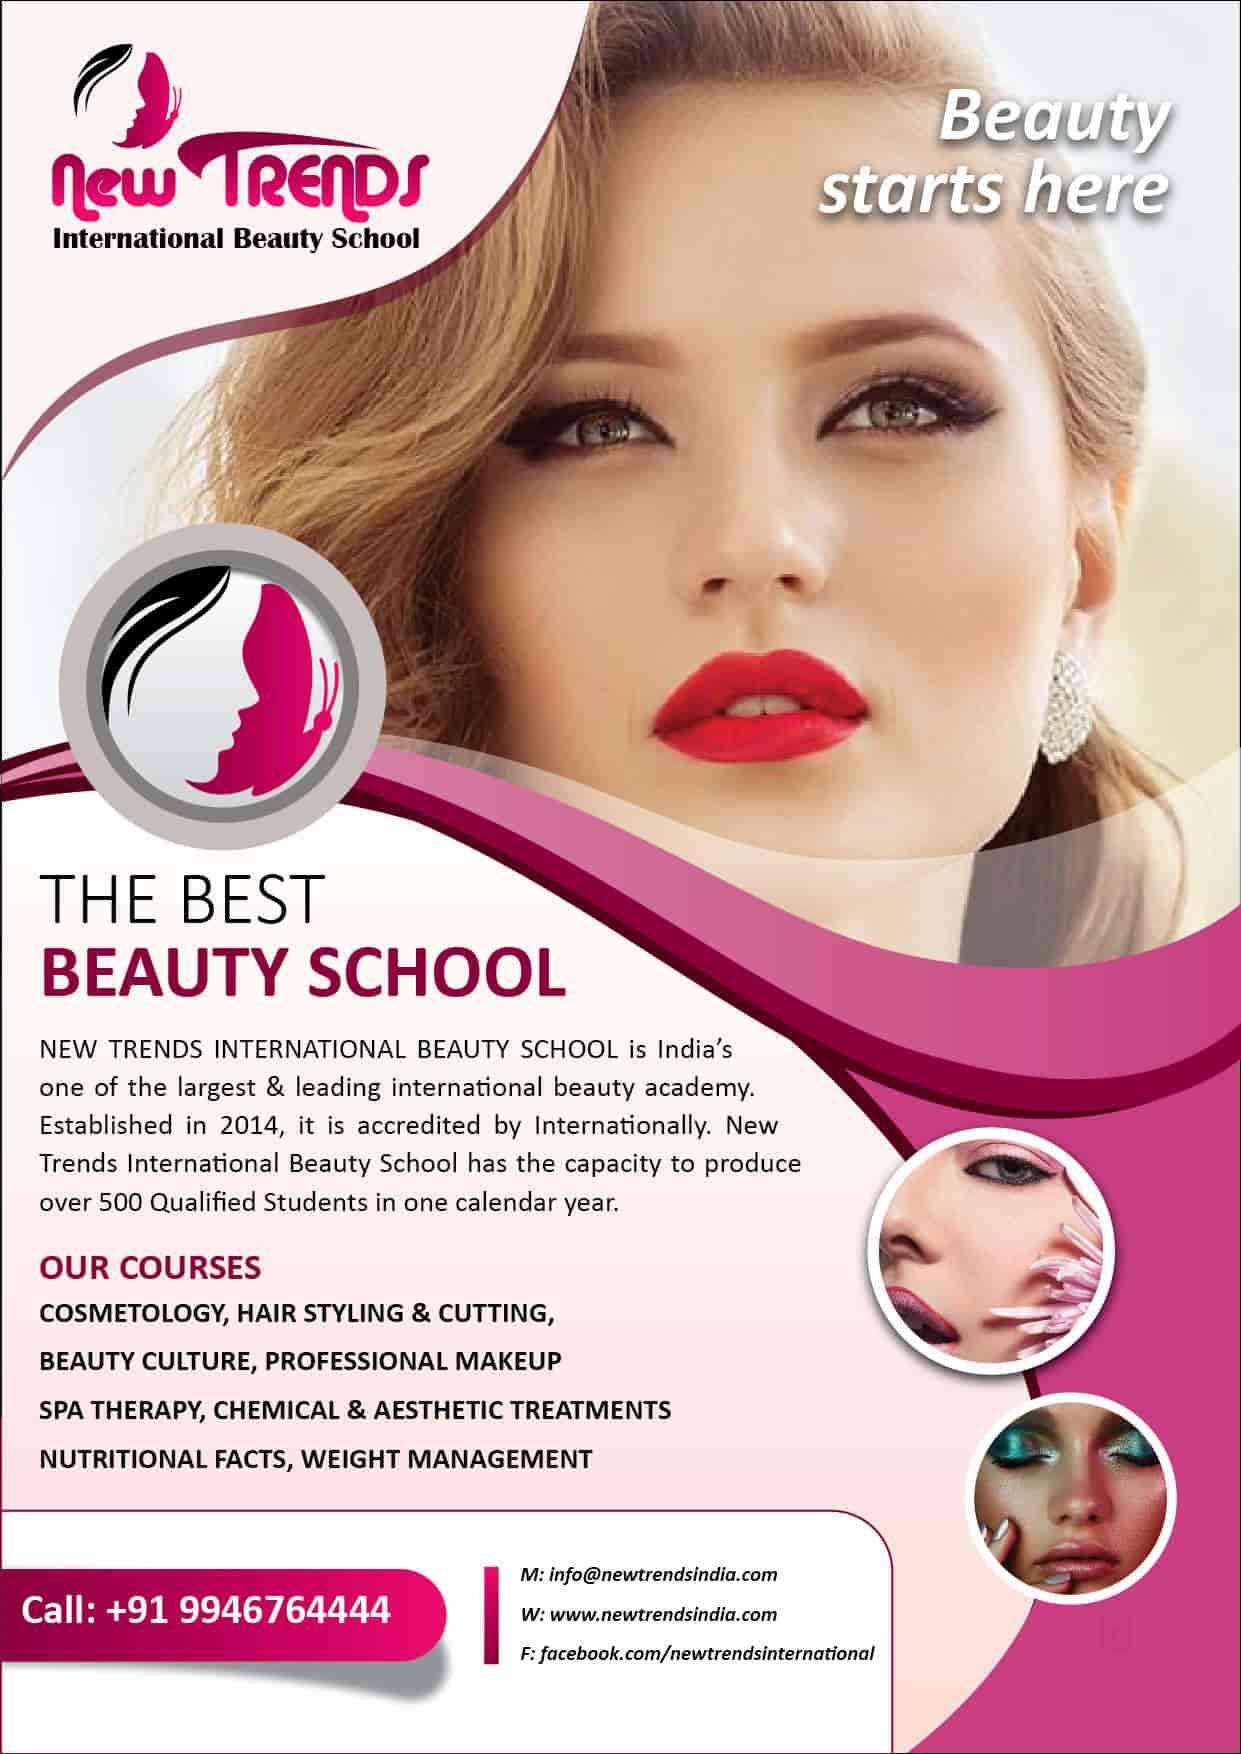 New Trends International Beauty School, Kallekkad - Beauty